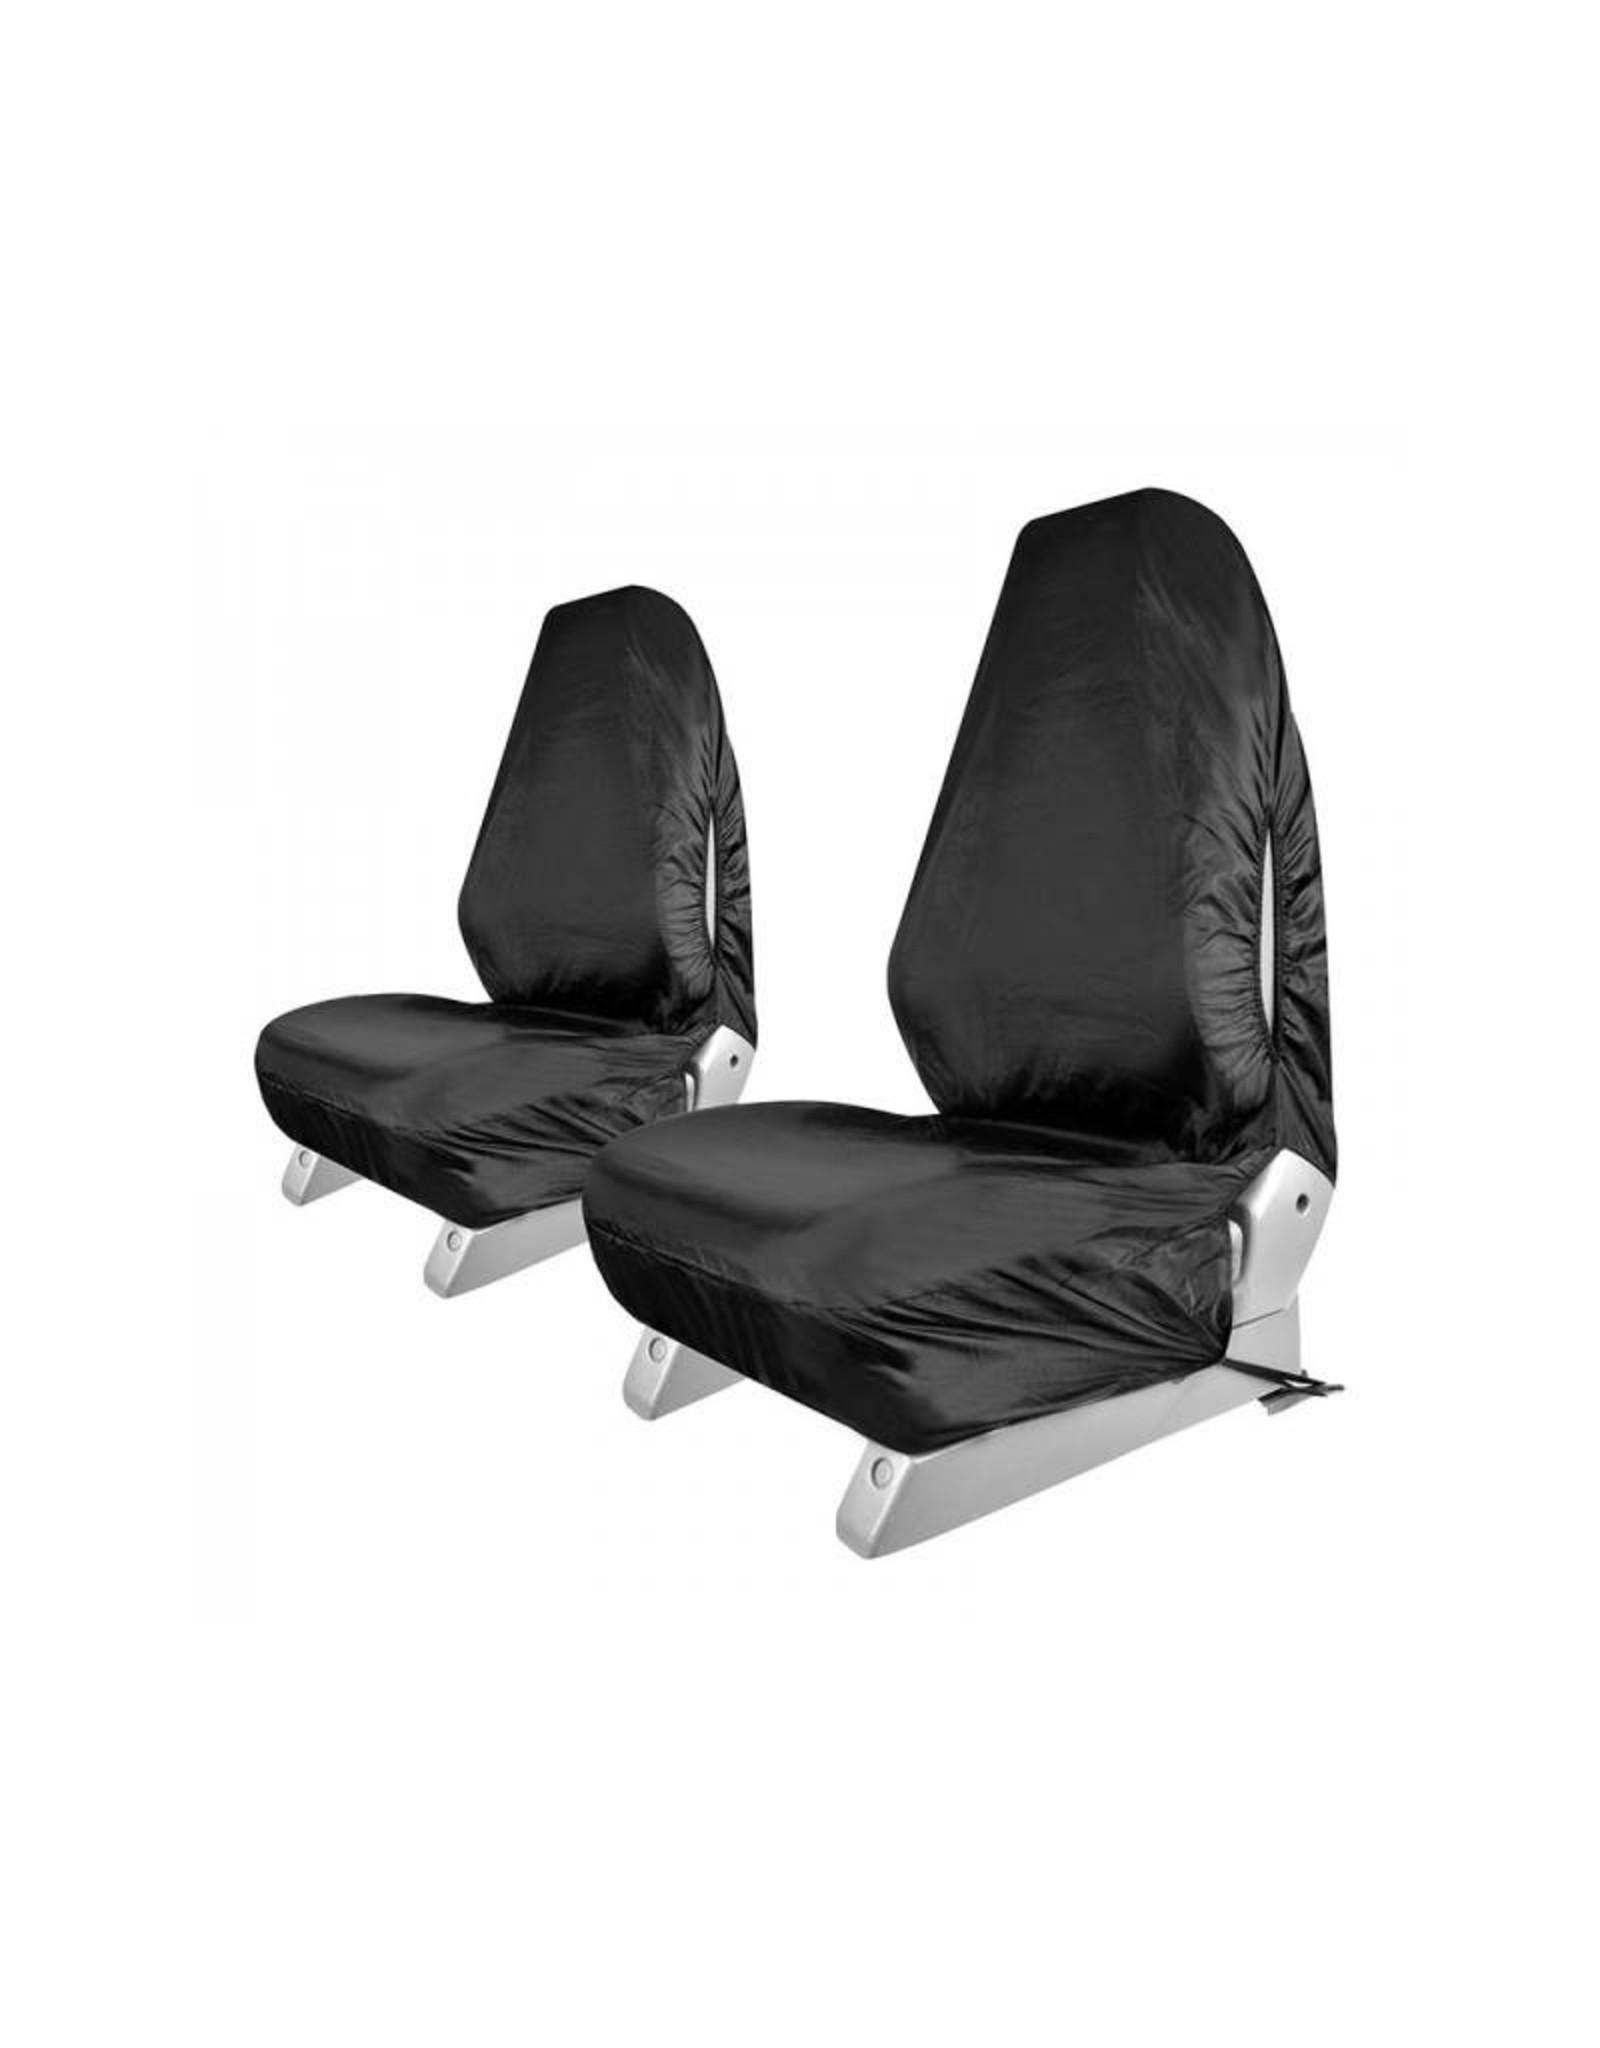 Autostoelbeschermer set van 2 stuks